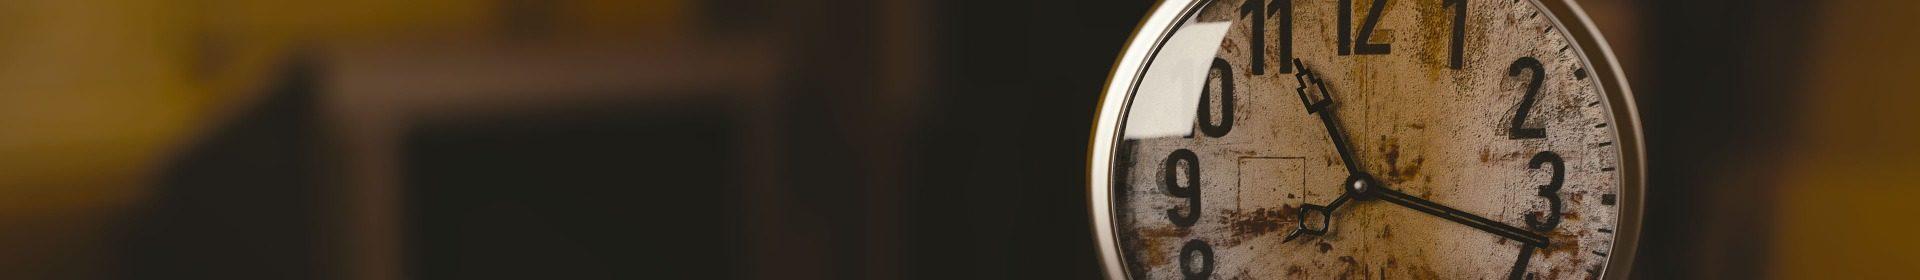 elodie cabrera - kinésiologie - developpement personnel - avoir confiance en soi - renouer avec son corps - kinesiologue - sante par le toucher - touch for health - bien etre - mieux etre - emotion - stress - anxiete - addiction - peur - phobie - obcession - force des mots - pensee positive - corps- esprit - Quand L'esprit Guérit Le Corps - hypersenbilite - intelligence emotionnelle - access bars - access consciousness - lacher prise - réussite - aisance - abondance - aller mieux - developpement personne - intelligence emotionnelle - fleurs de bach - brain gym - gestion des emotions - gestion du stress - access bars - access bars consciousness - fleurs de bach - kinesiologue certifie